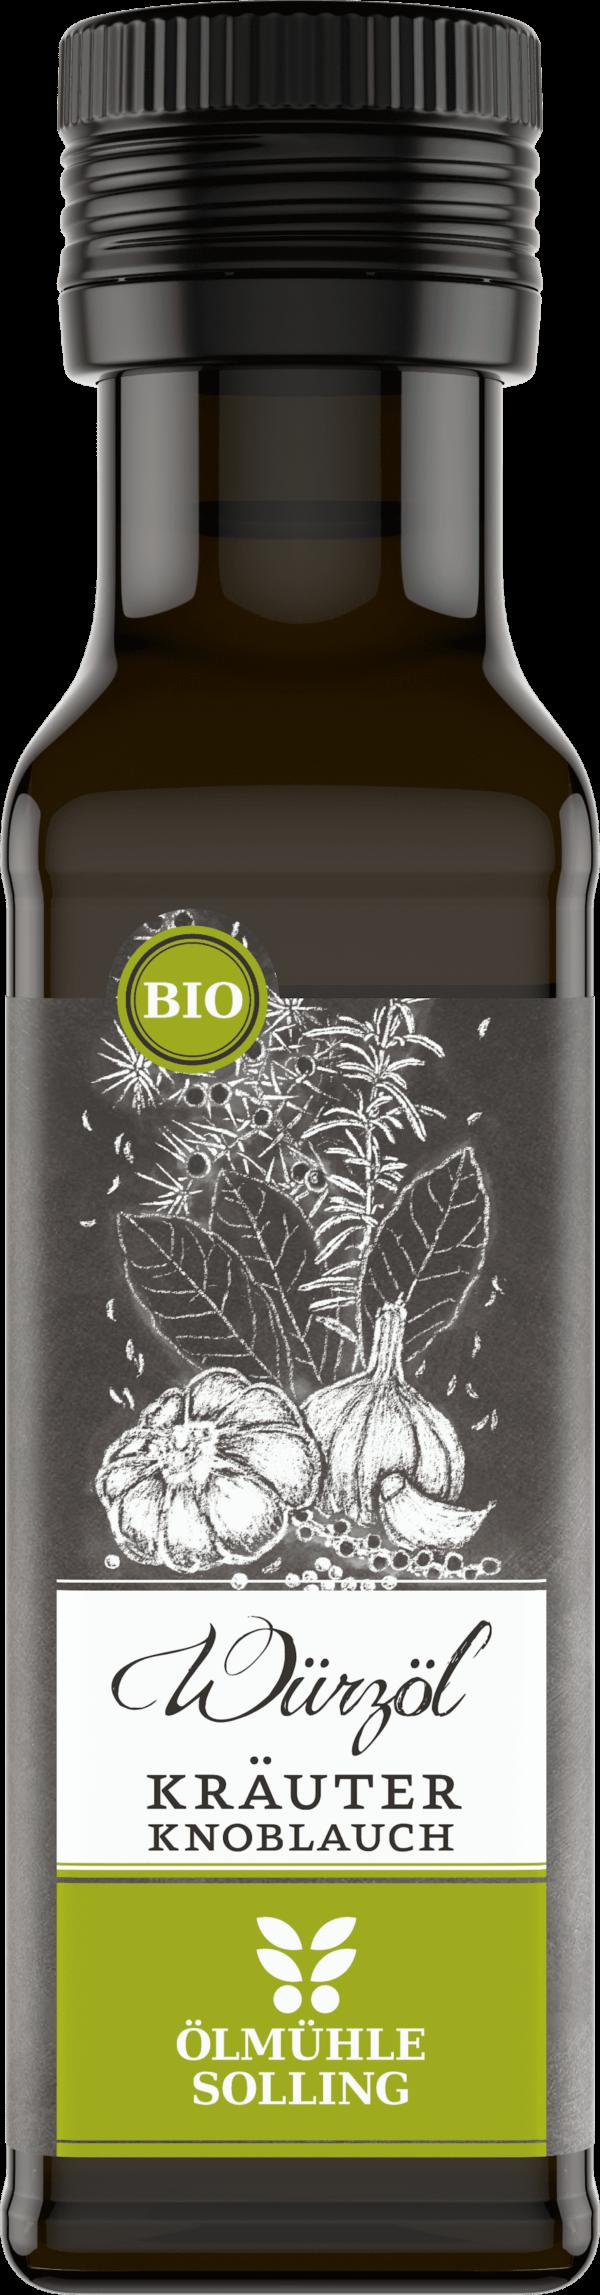 Kräuter Knoblauch Würzöl 100 ml von Ölmühle Solling